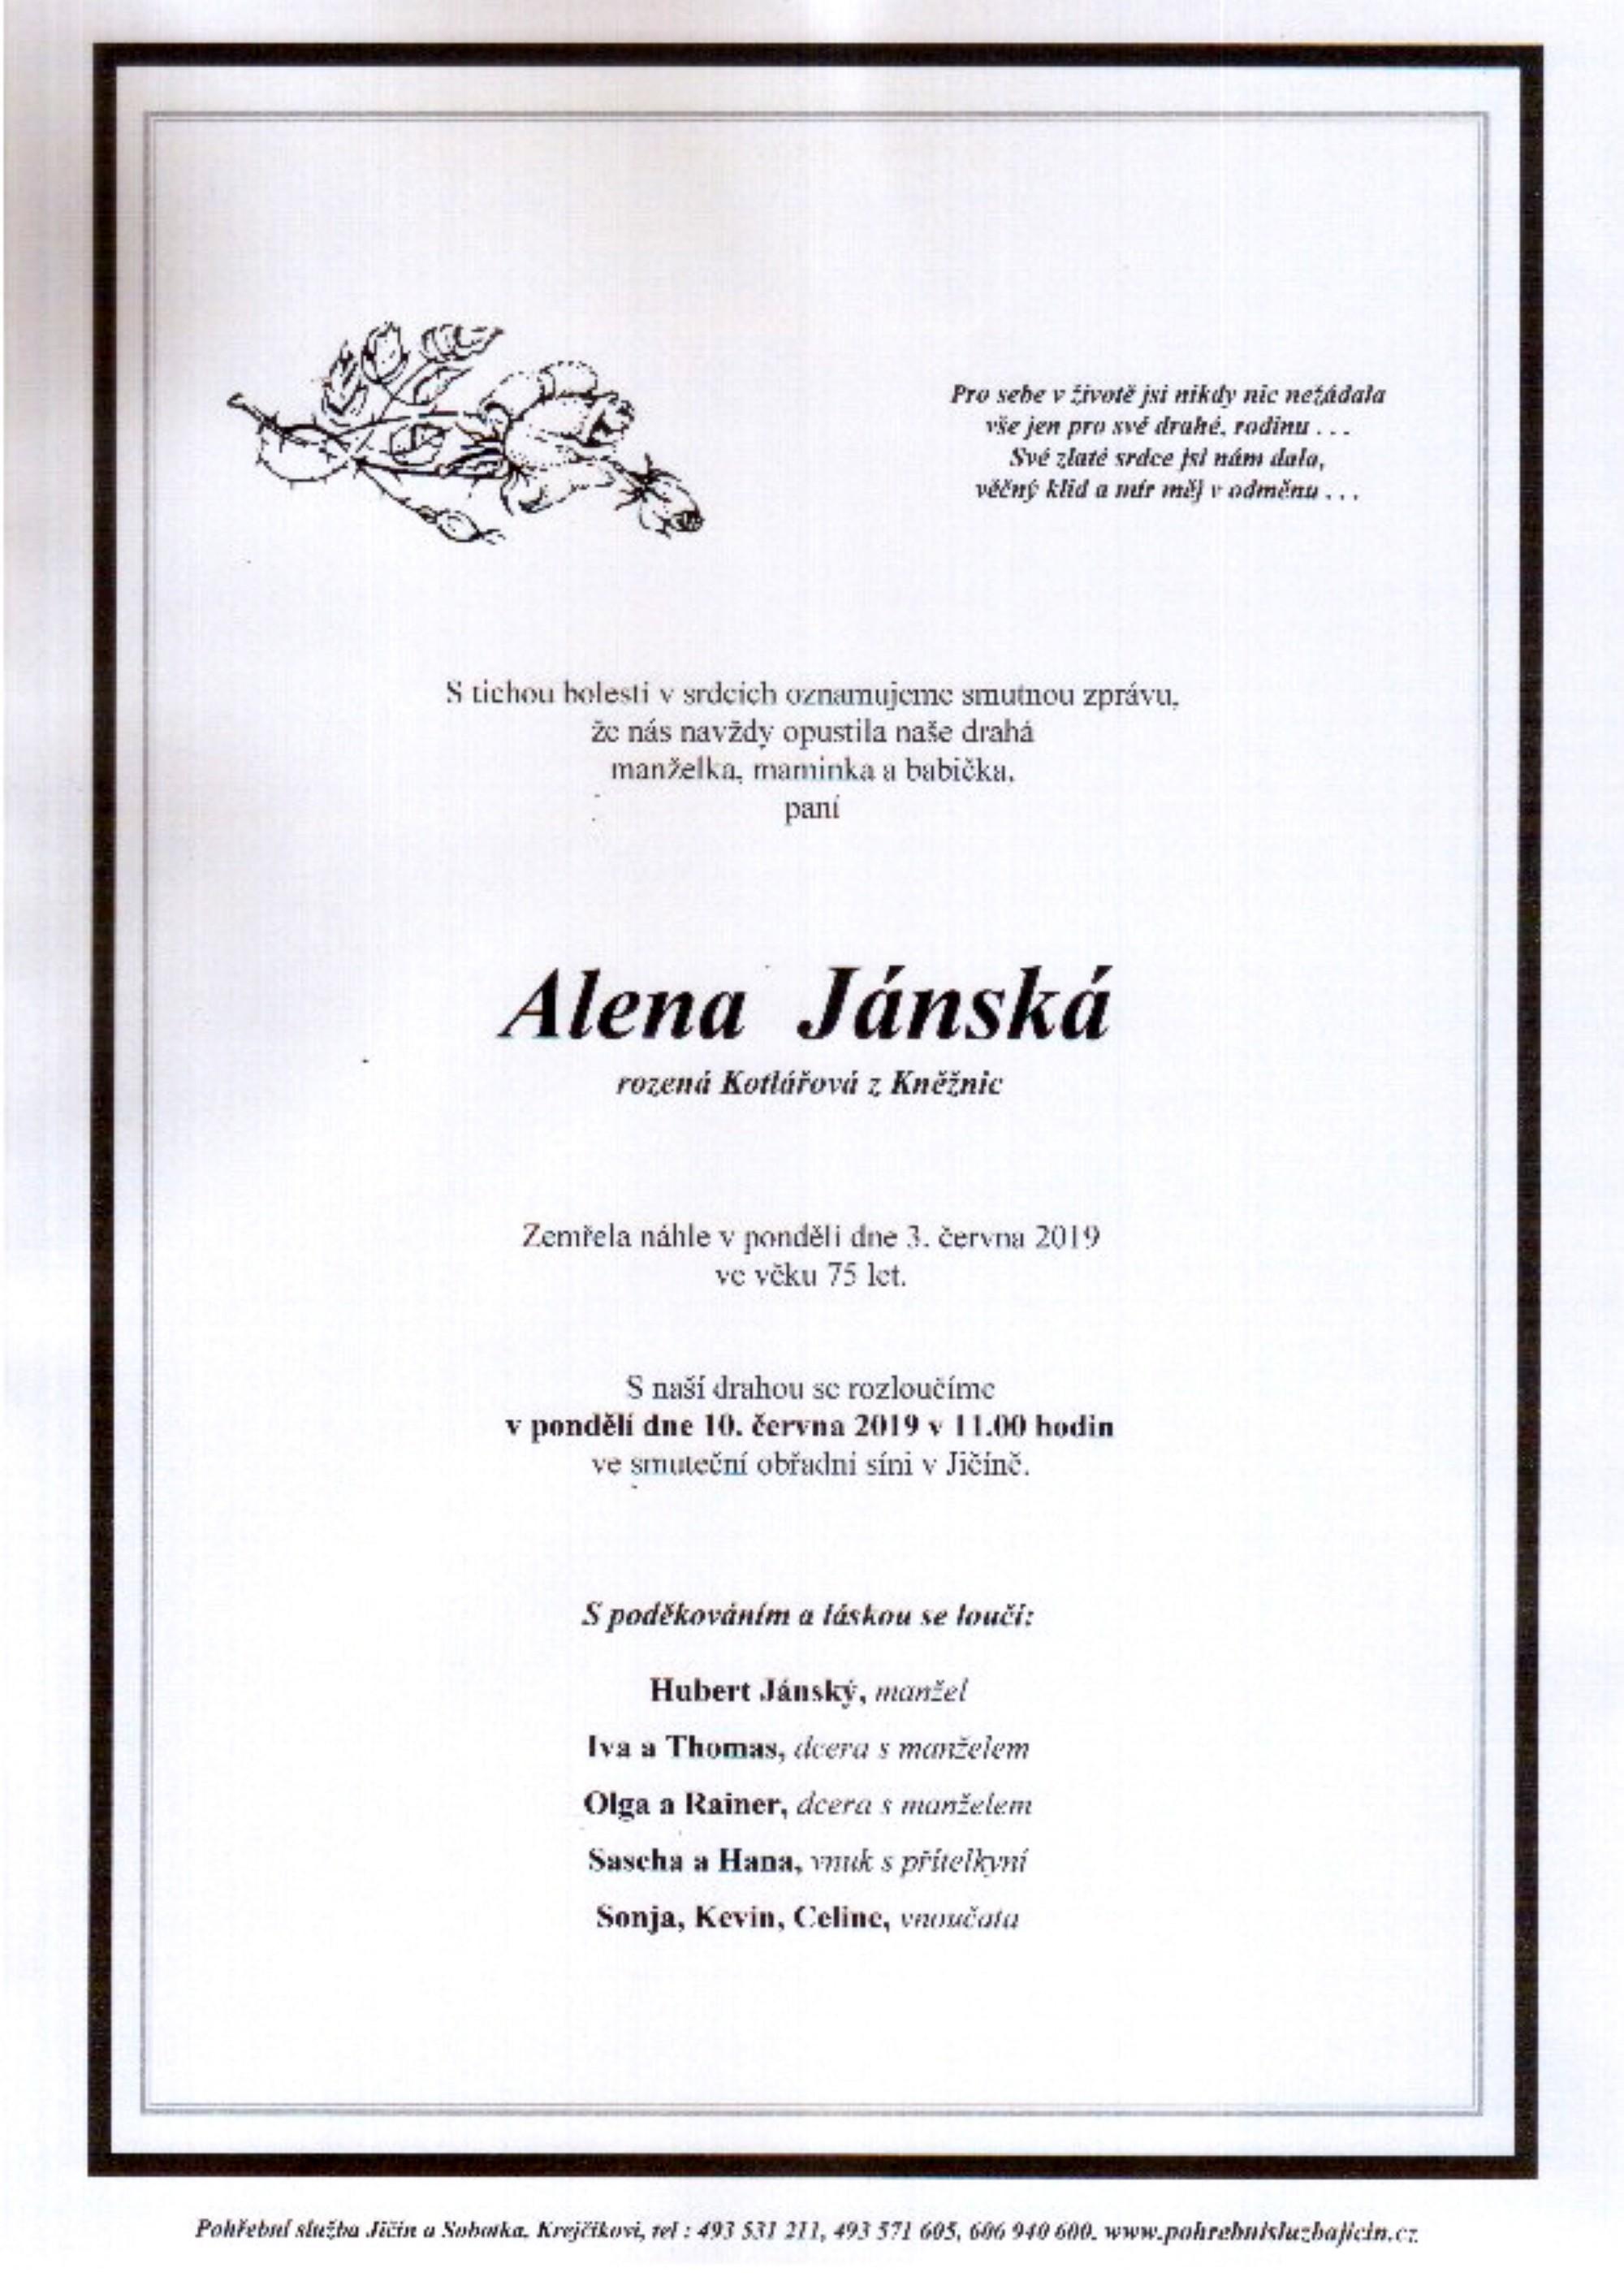 Alena Jánská